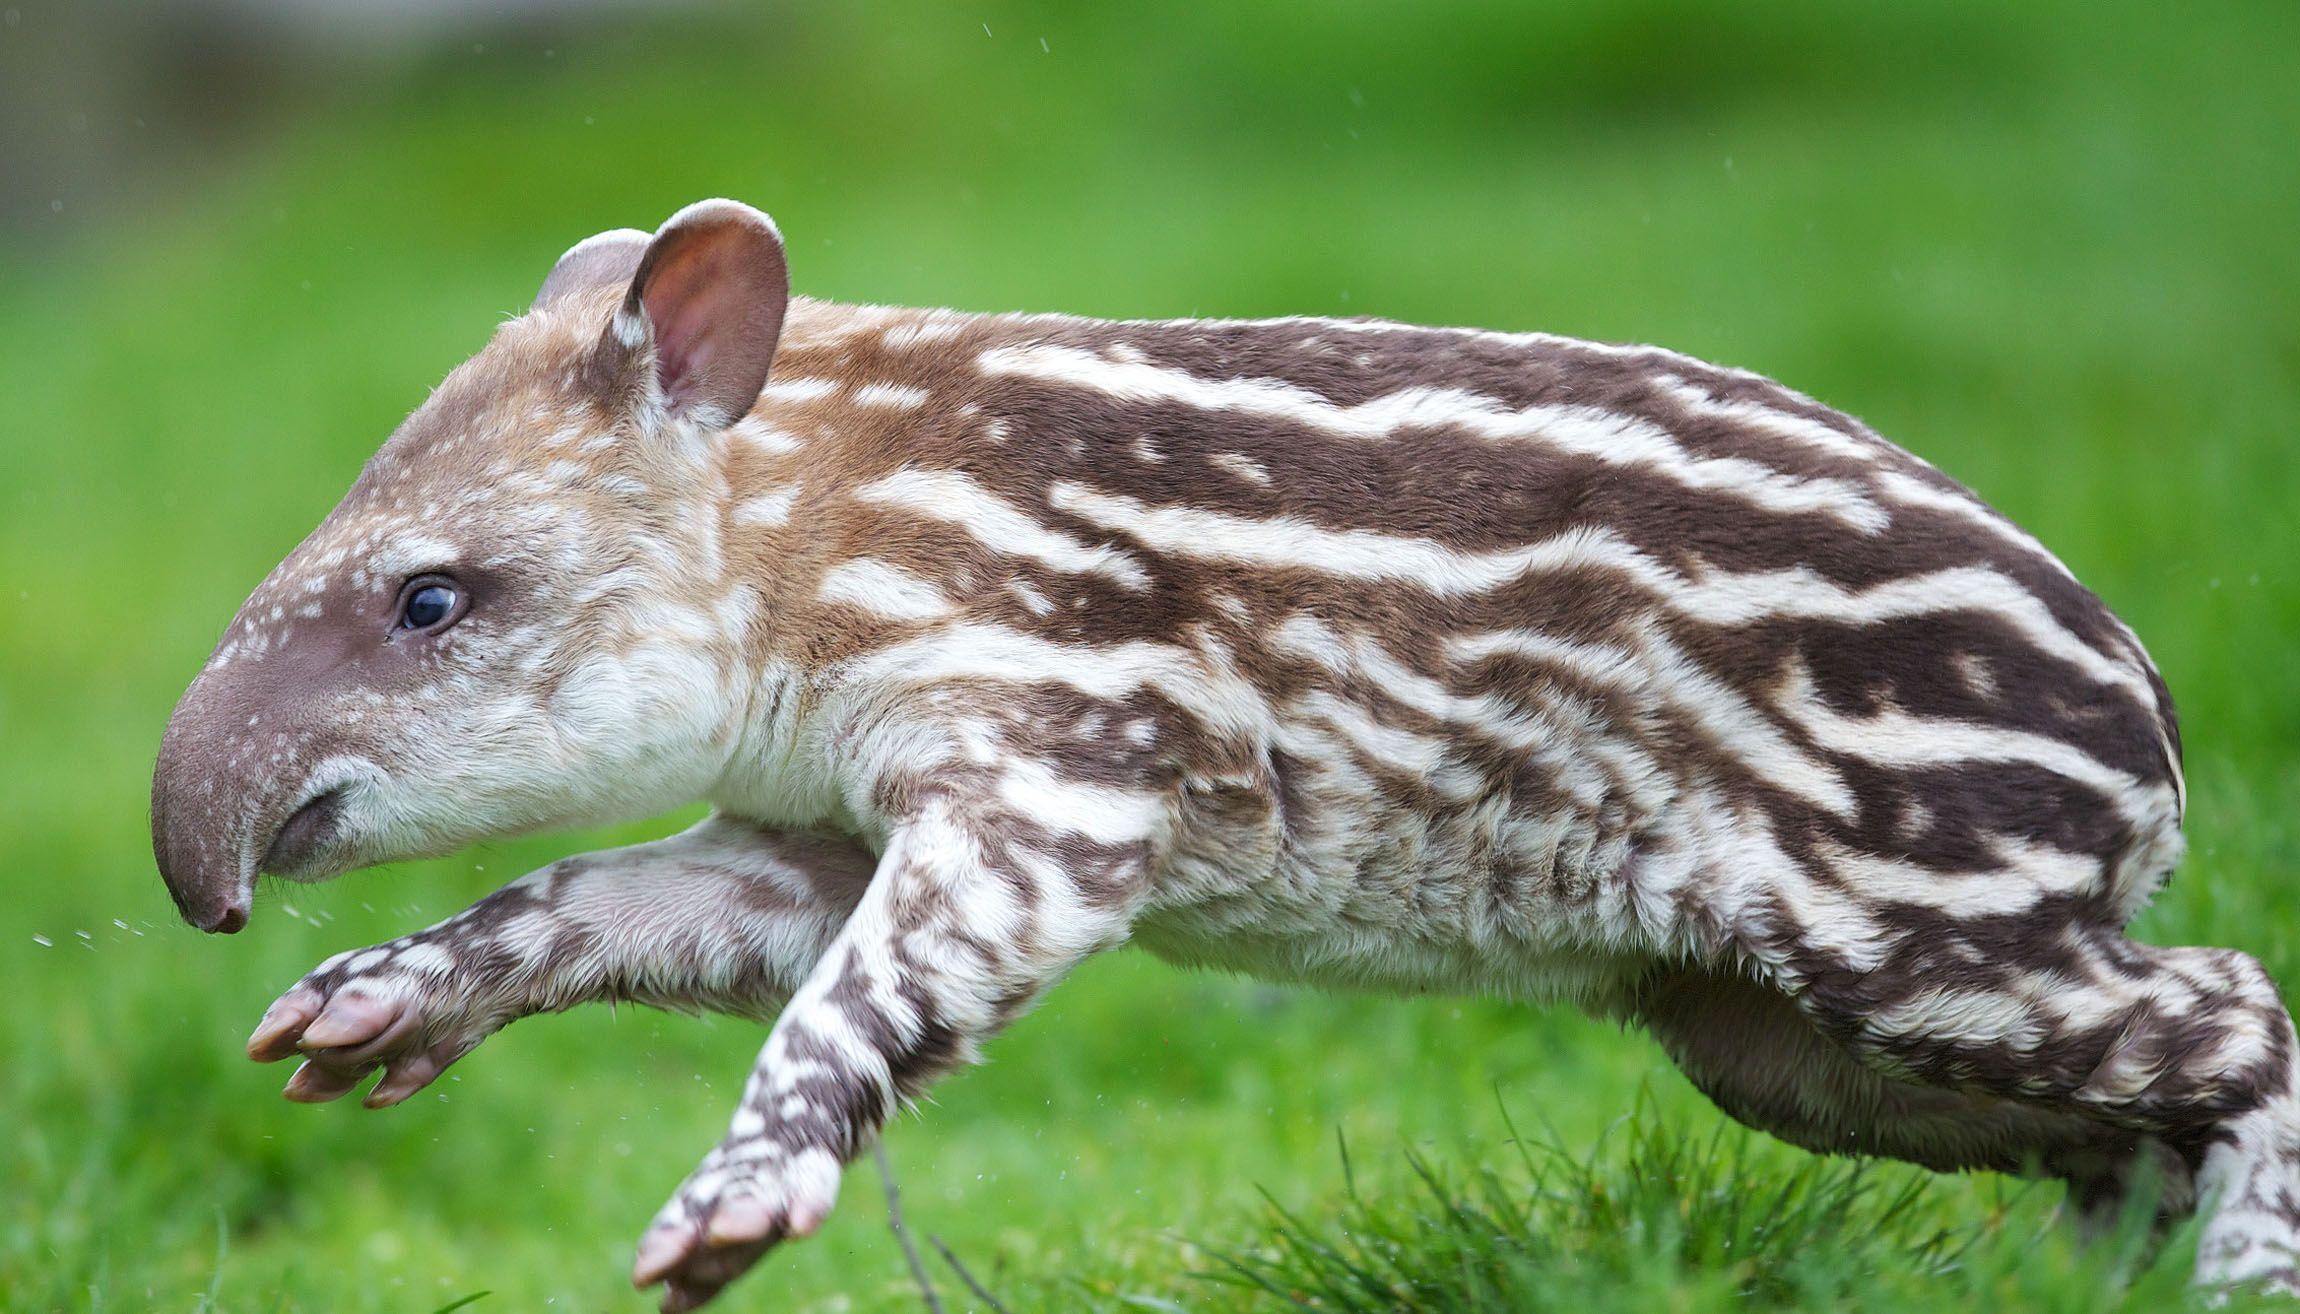 tapir! Animals, Baby animals, Cute baby animals